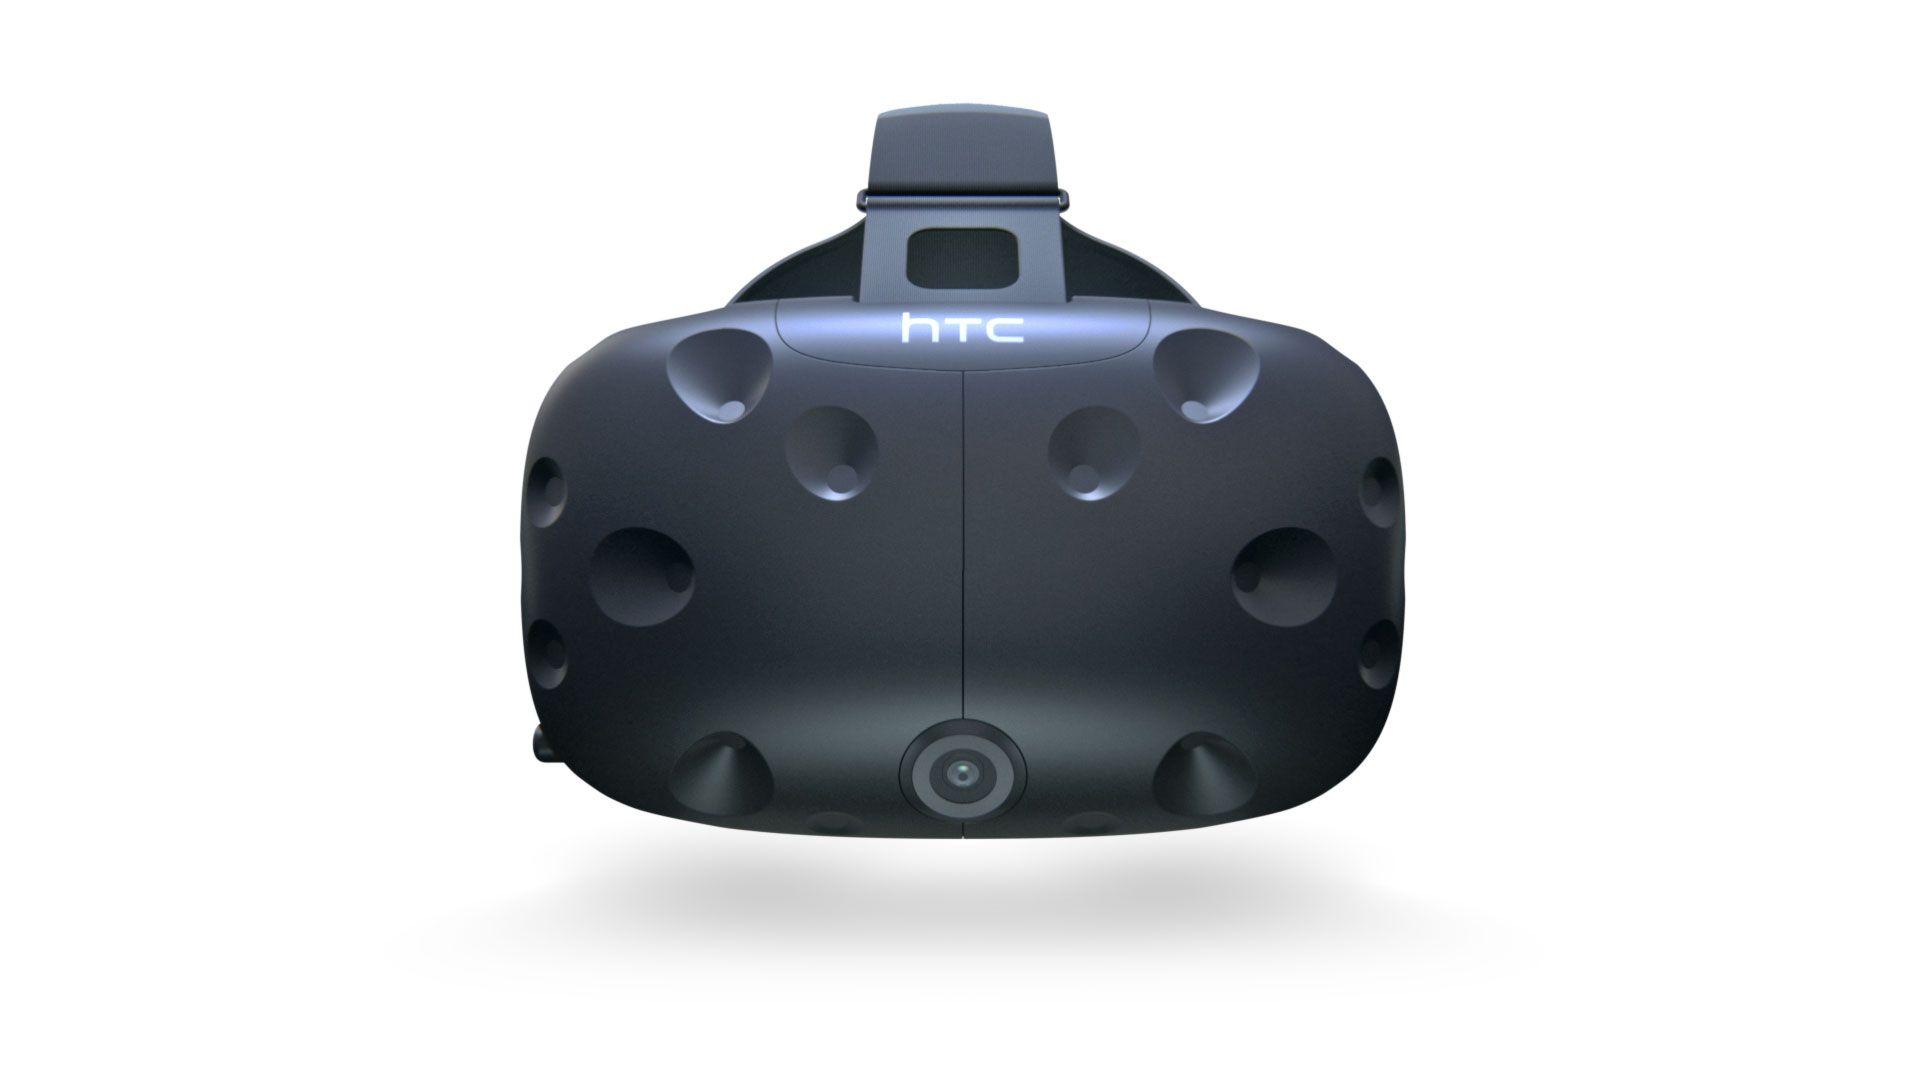 HTC n'est pas venu les mains vides au MWC : le constructeur du fameux casque de réalité virtuelle nous a donné son prix. Et le kit complet ne coûtera que 799 dollars.